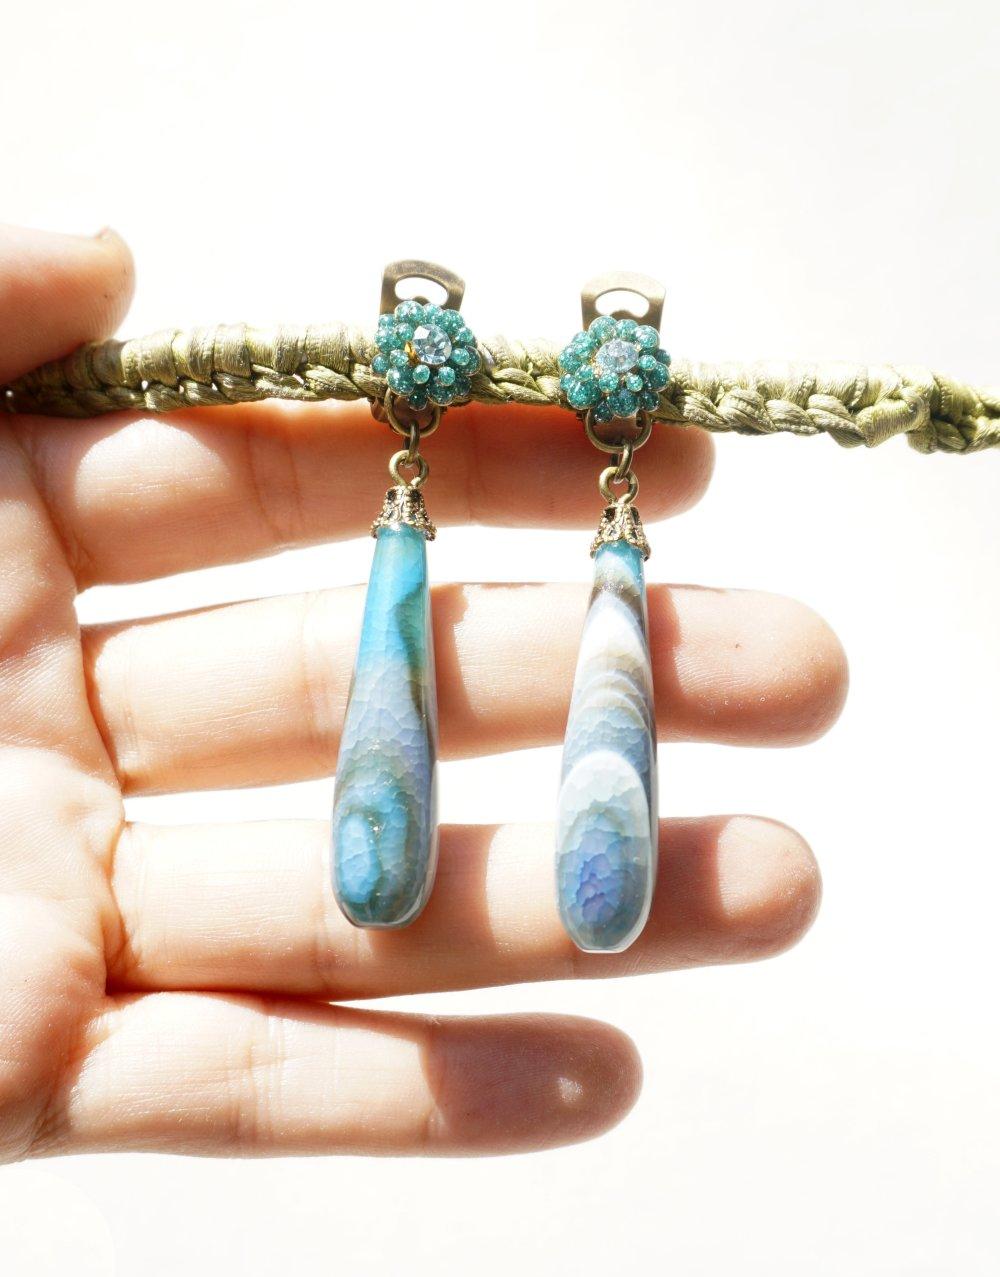 CLIP Boucles d'oreilles Clips Agate bleu & Bronze Fleur résine Cristal Bijoux créateur Création française